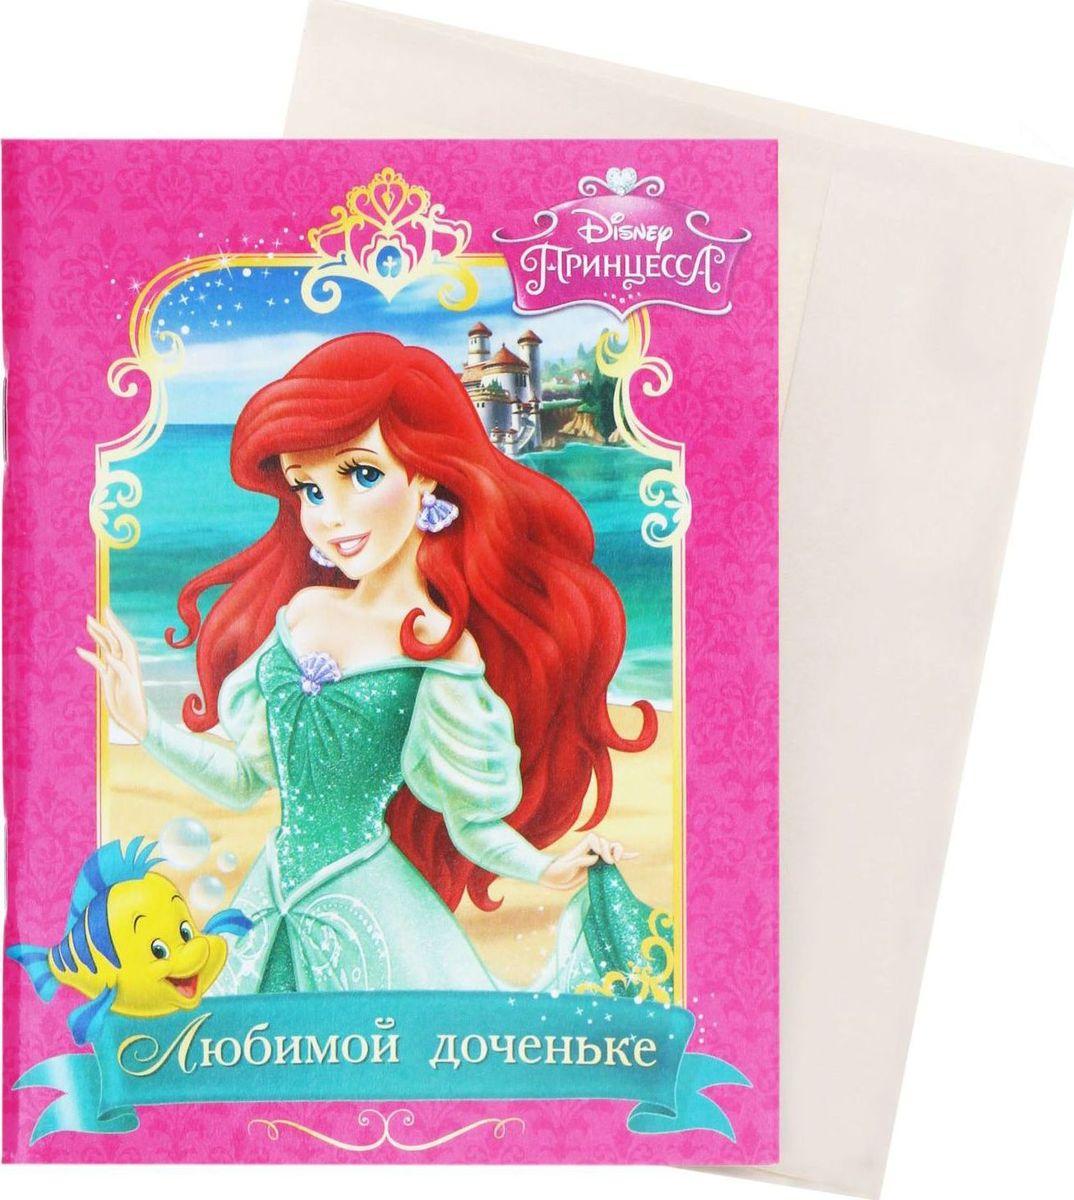 Disney Блокнот-открытка Принцессы Любимой доченьке 32 листа730396Перед вами уникальная разработка нашего креативного отдела. С одной стороны, это яркая открытка со всеми любимой Ариэль и Флаундером, а стоит заглянуть внутрь, и вы найдете 32 дизайнерских листа с бархатной фактурой. Роскошный сувенир, разработанный специально для маленьких принцесс. В отличие от обычной открытки, которая зачастую просто пылиться в шкафу, блокнотом Любимой доченьке приятно пользоваться! Все элементы украшены милыми комплиментами и советами для юных красавиц. Герои мультика Русалочка изображены на обложке блокнота и на внутренних листах, так что каждая запись приносит еще больше удовольствия. Эксклюзивный блокнот-открытка будет прекрасным подарком для вашей любимой малышки. В подарок к блокноту-открытке вложен универсальный конверт. Подпишите его, открытку и вручите сувенир адресату на любой праздник.